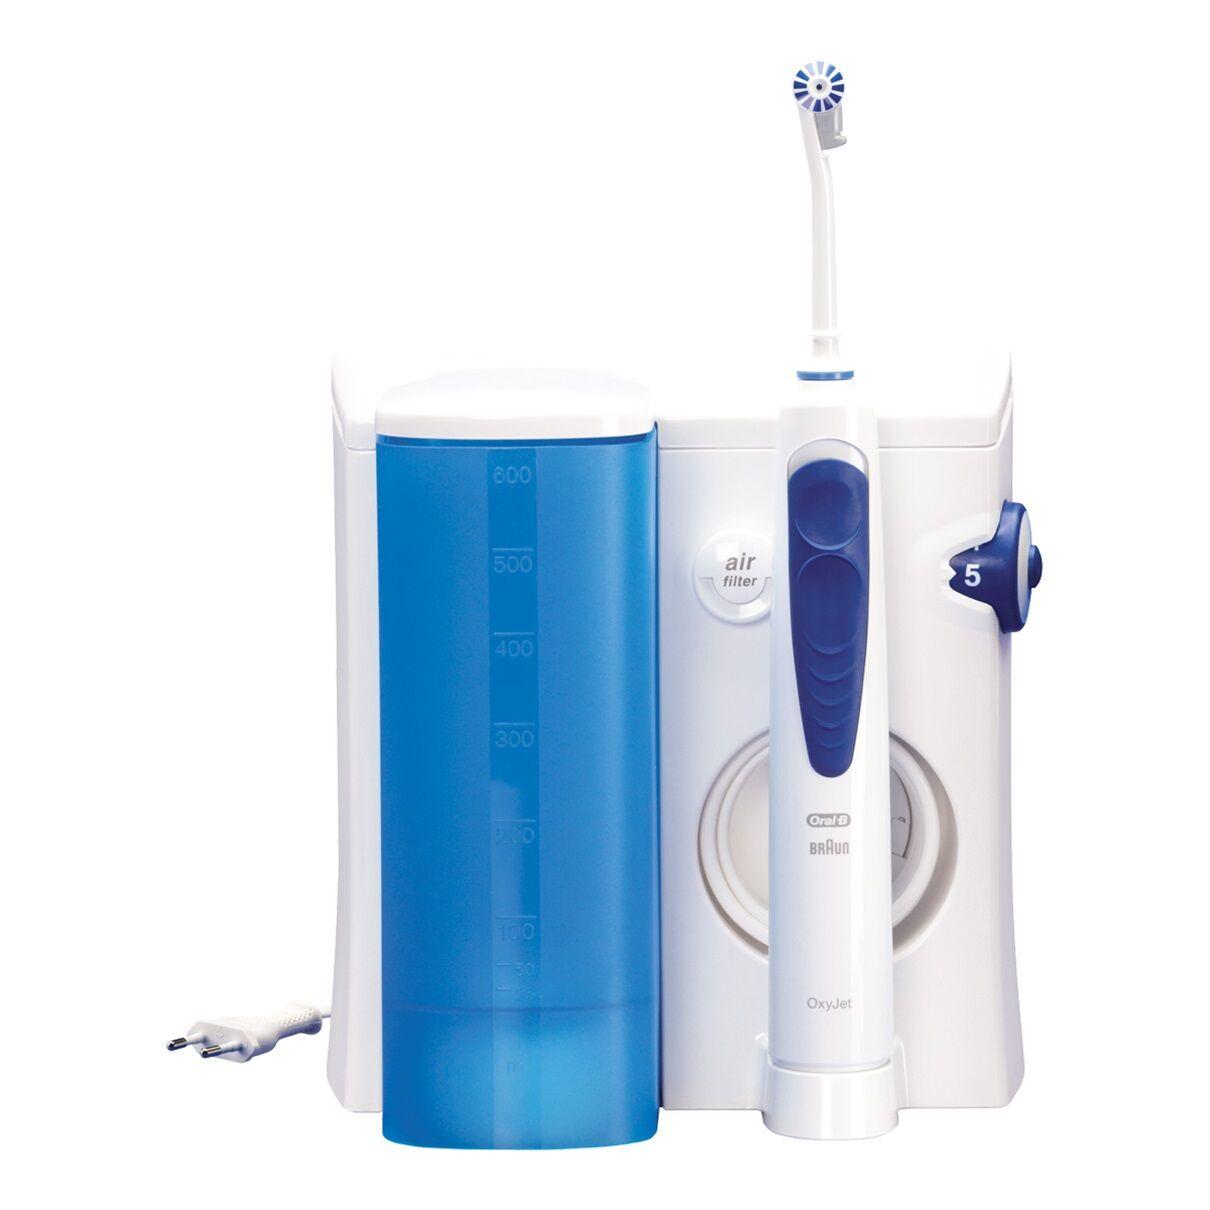 procter & gamble oral b idropulsore oxyjet md20 igiene orale + 4 beccucci